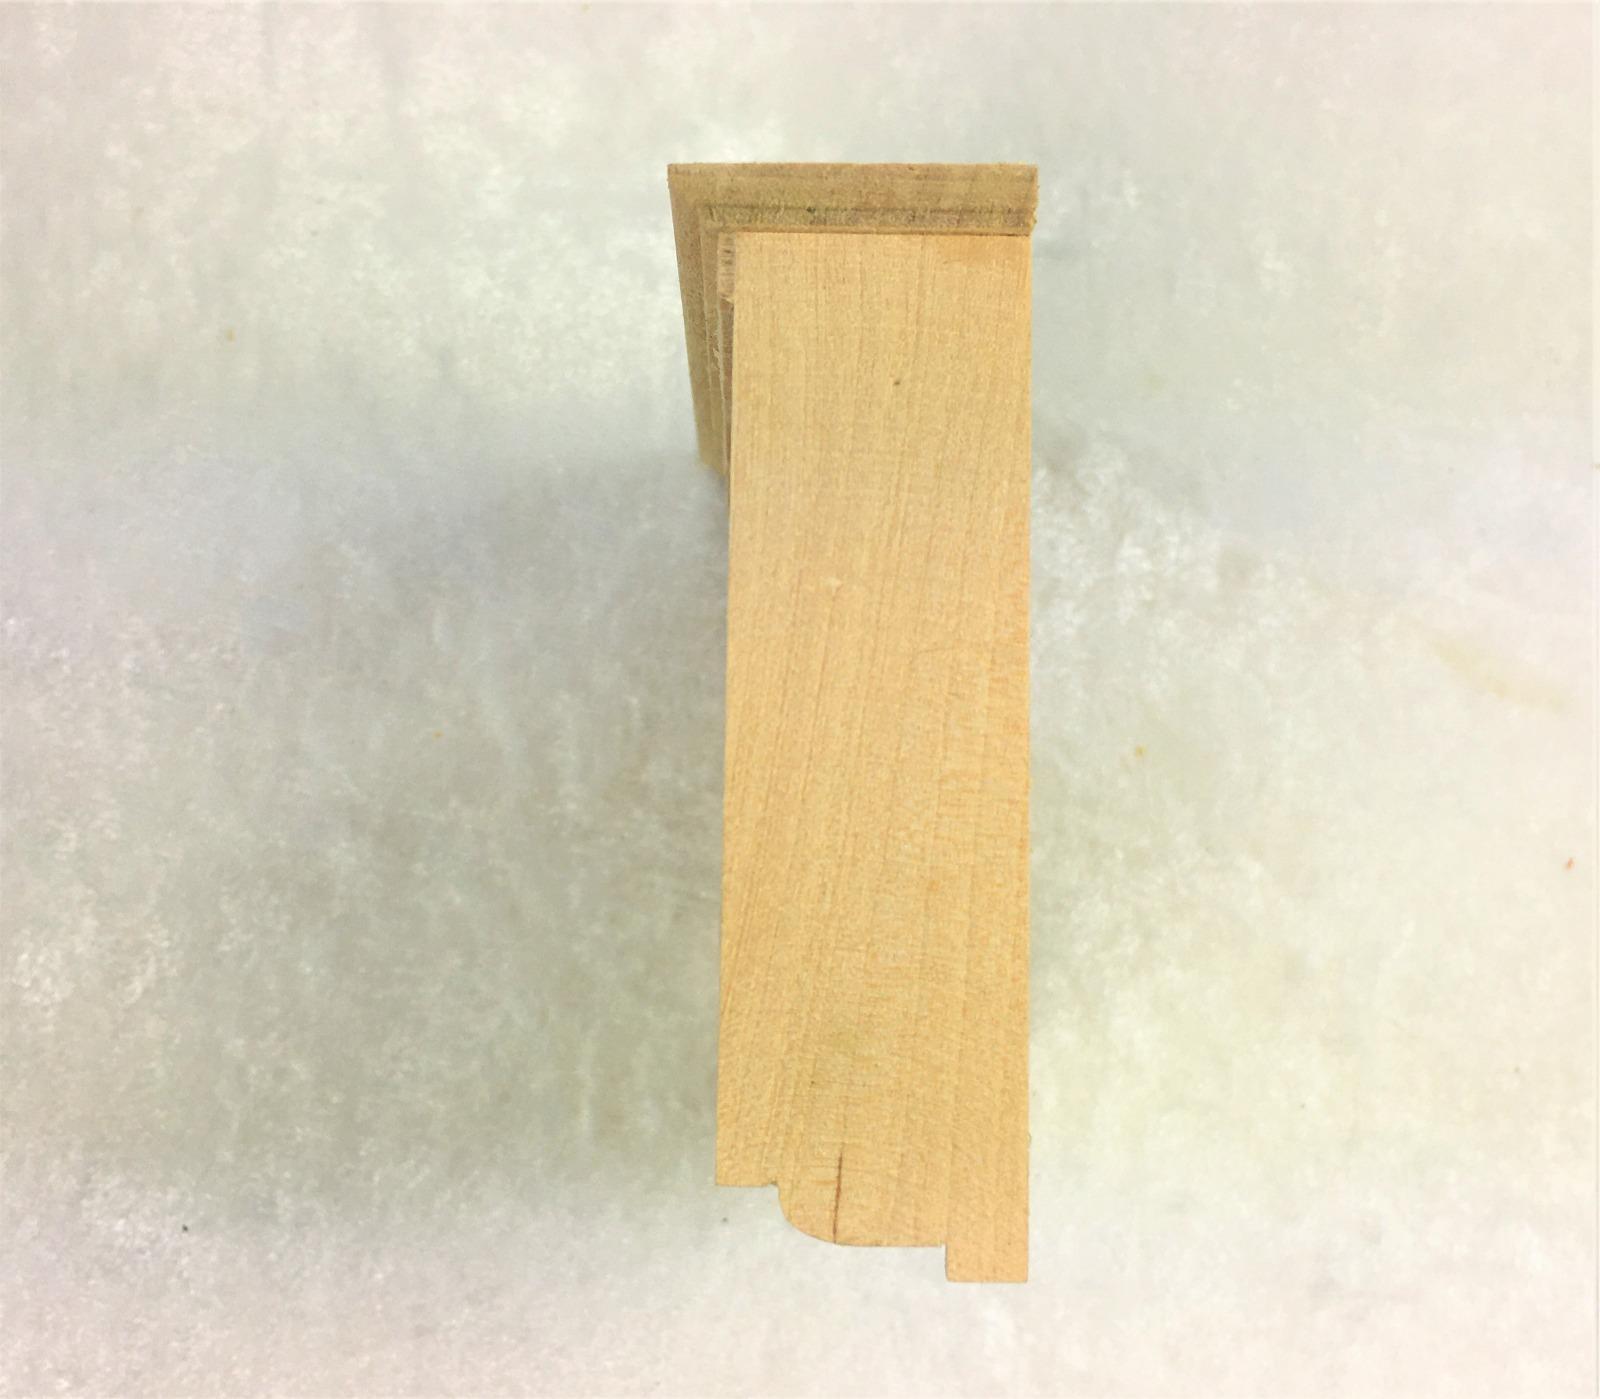 Hängeschrank mit Schubladen Hängeregal mit Schubladen